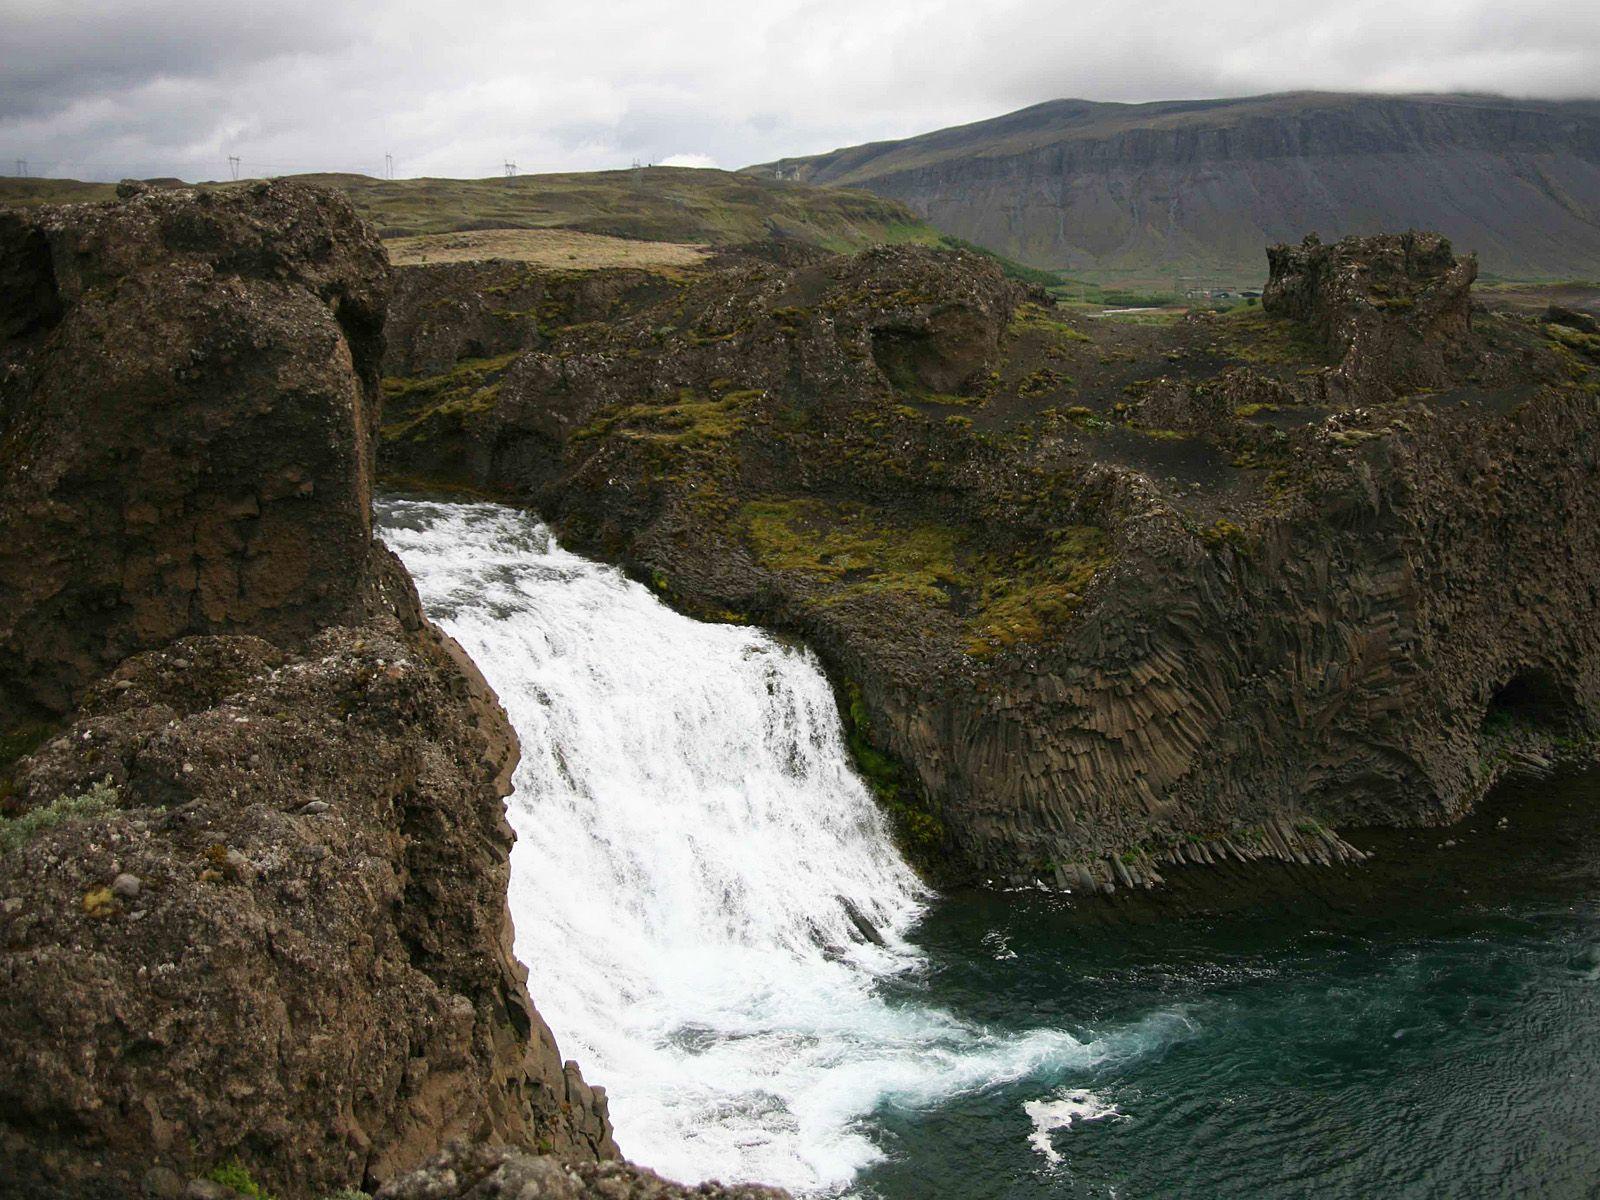 На краю водопада Хьяулпарфосс